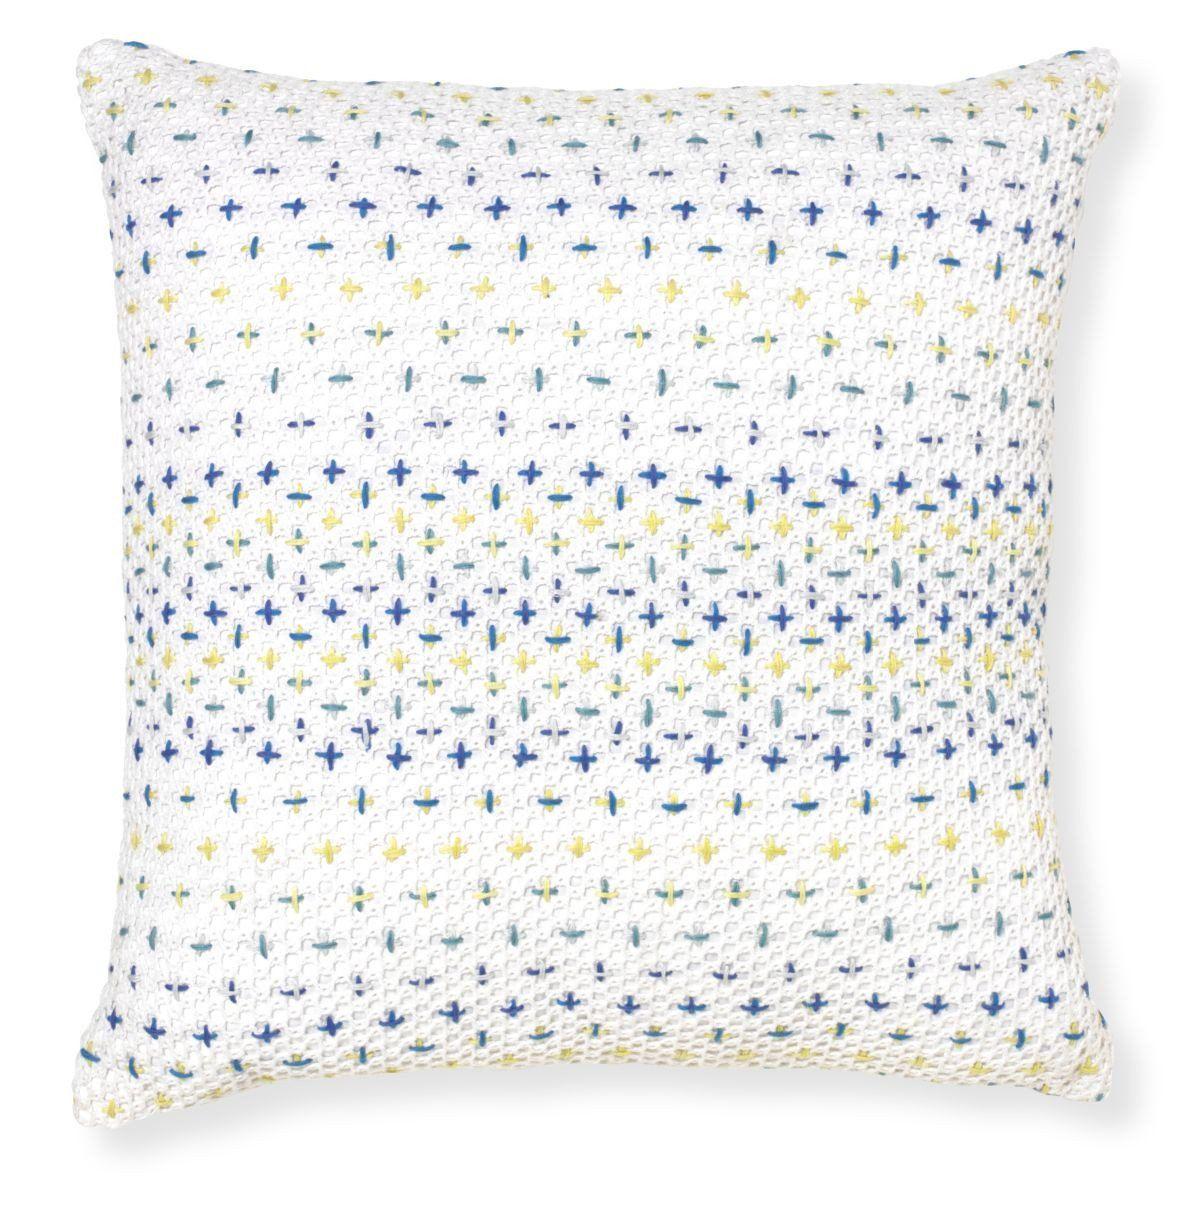 Rapee fusion aqua pillow design by selamat pillow design aqua and